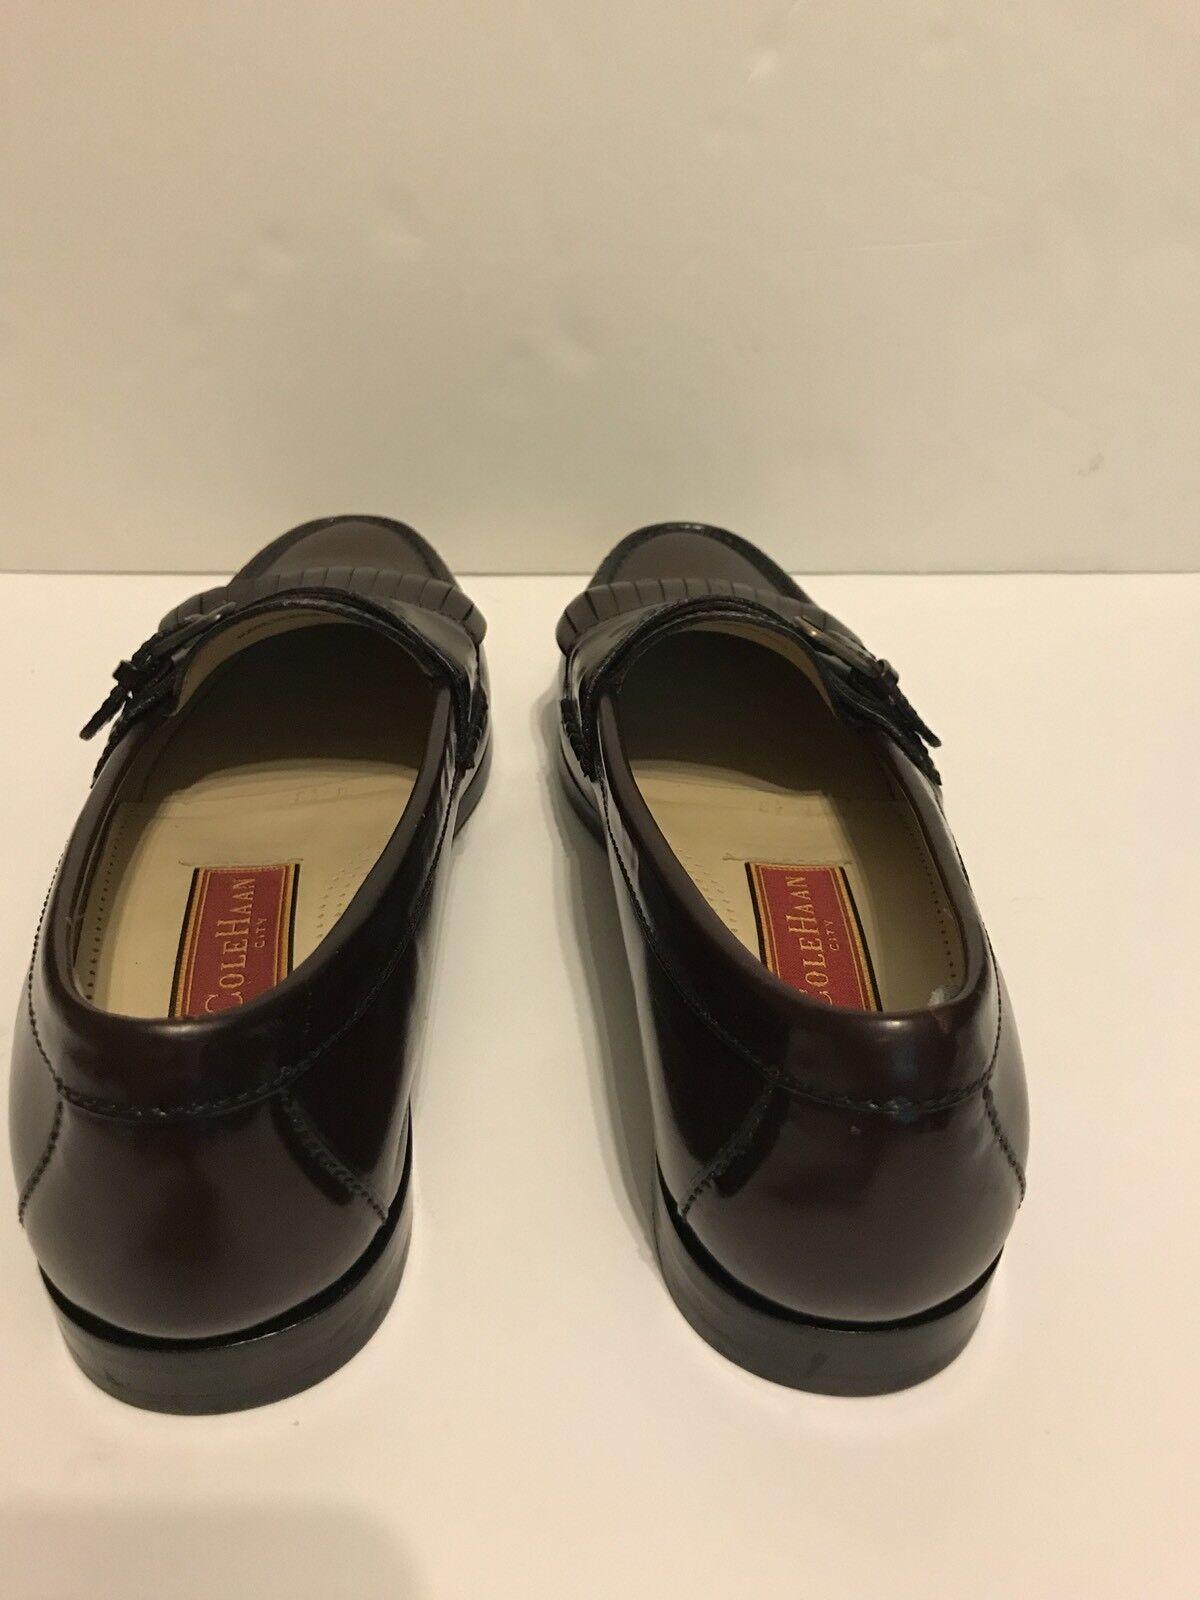 risposta prima volta Uomo Cole Cole Cole Haan City Classics Leather Loafers scarpe Buckle Burgundy Marrone 8 1 2D  Sito ufficiale